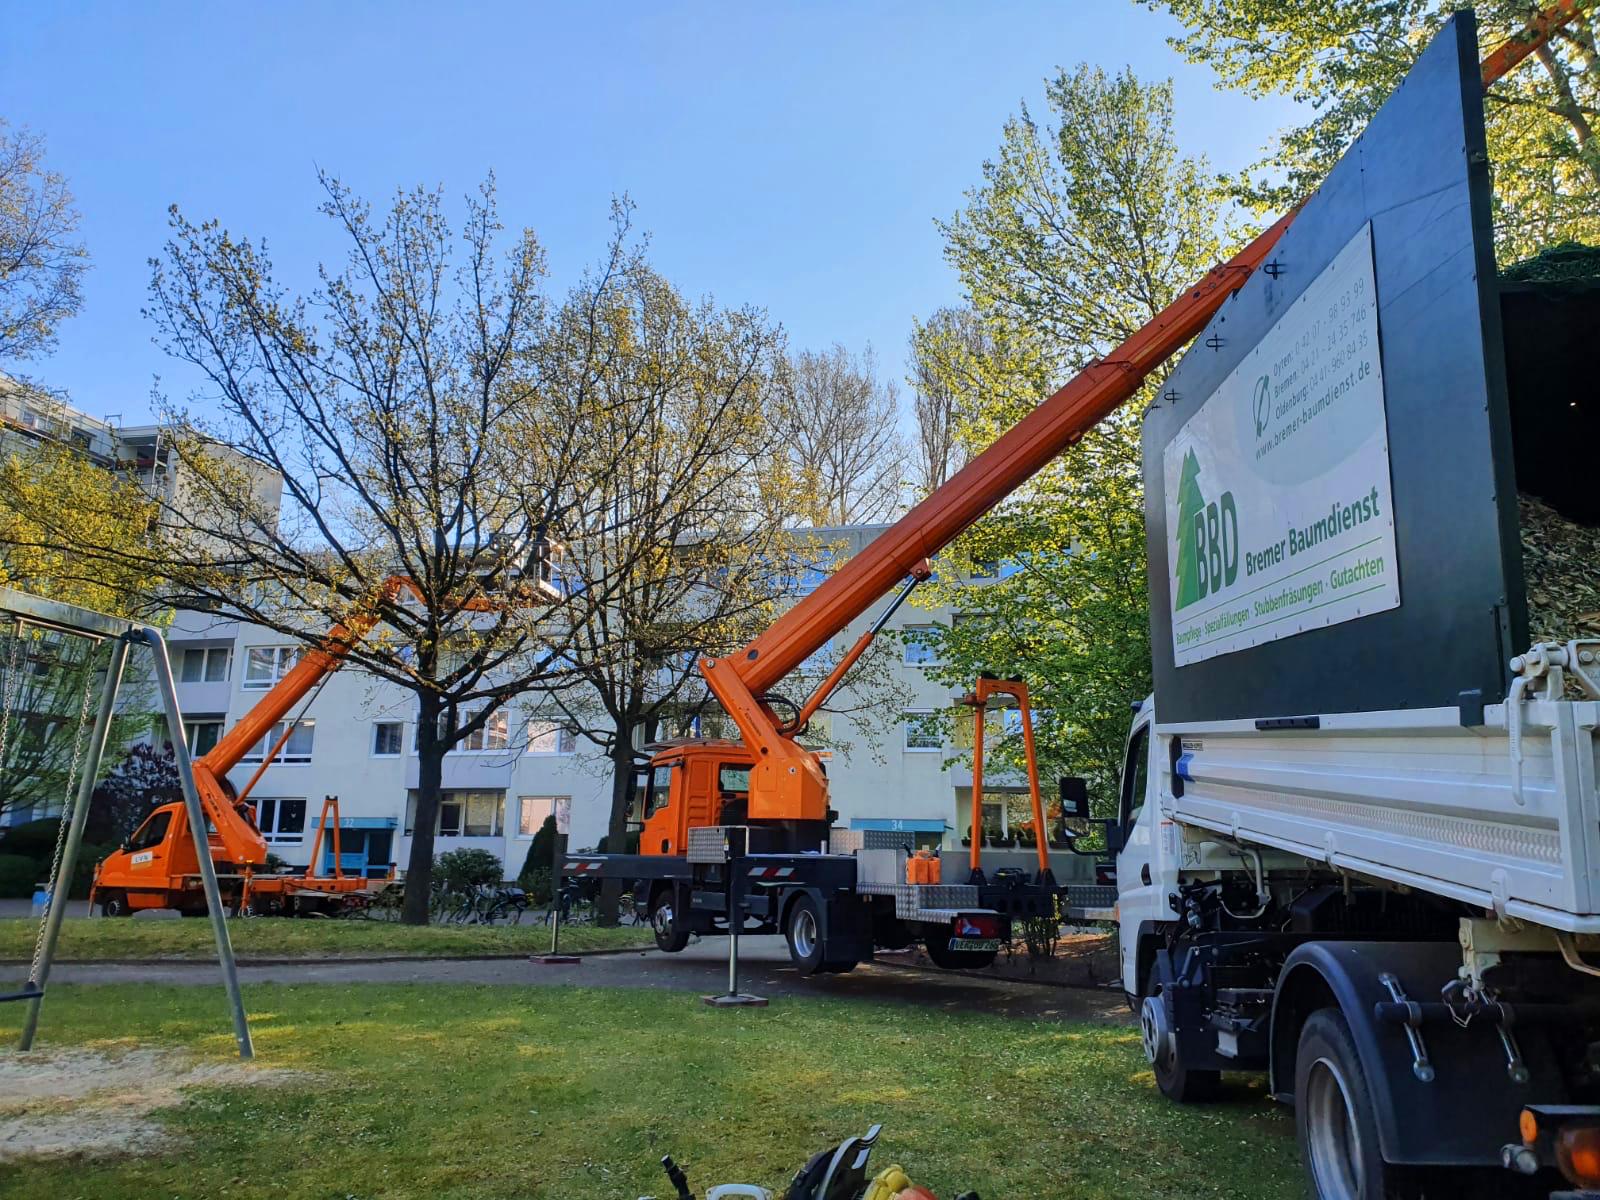 Bremer Baumdienst teamarbeit